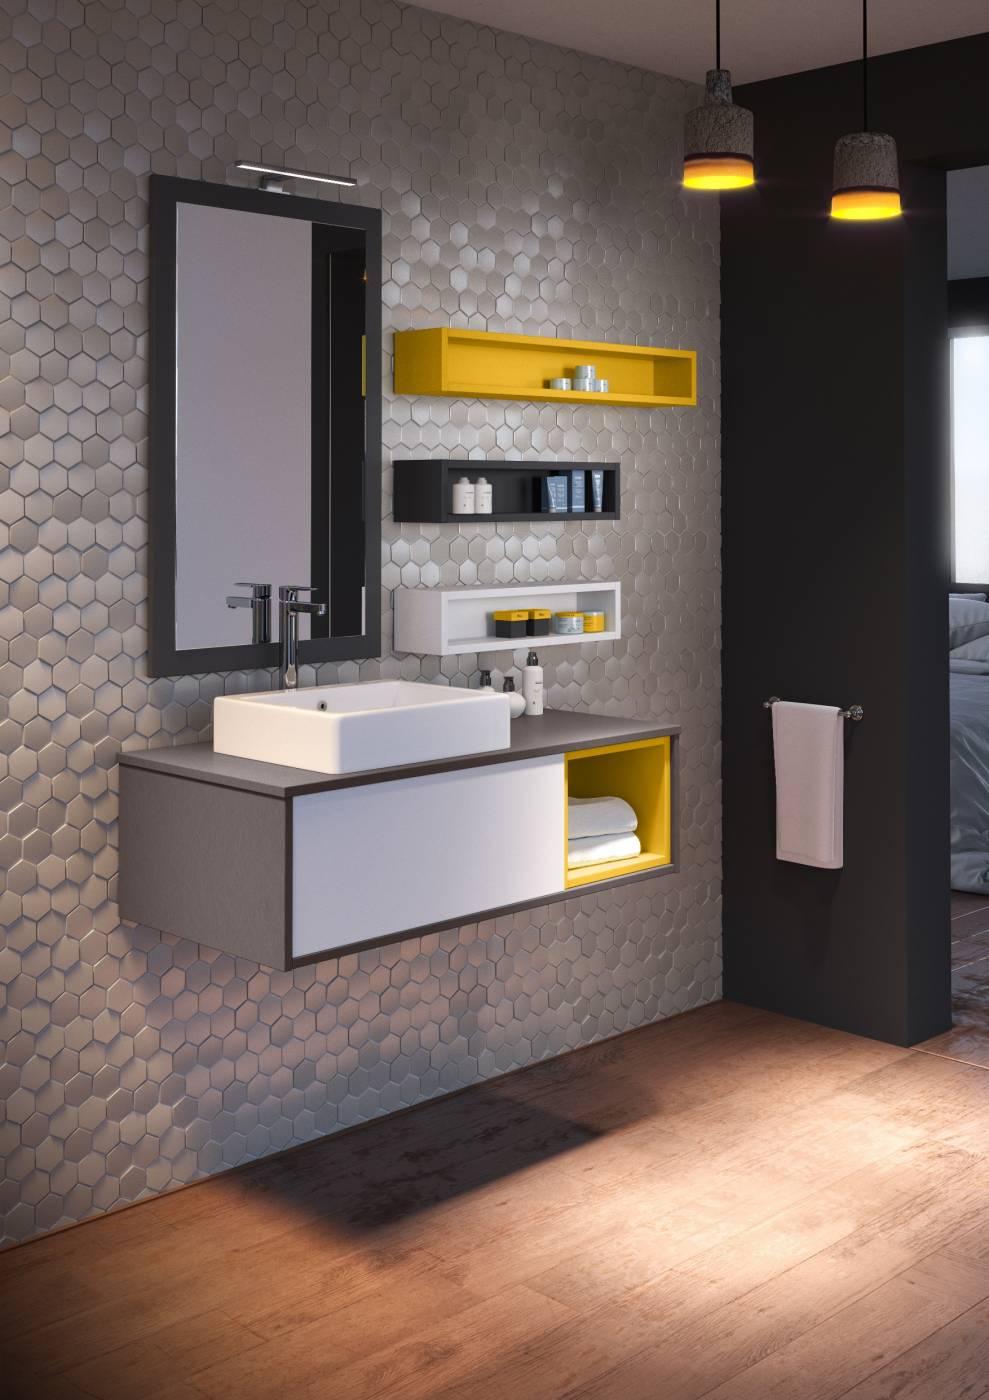 meuble suspendu pour salle de bains avec niche colore aix en provence 13100